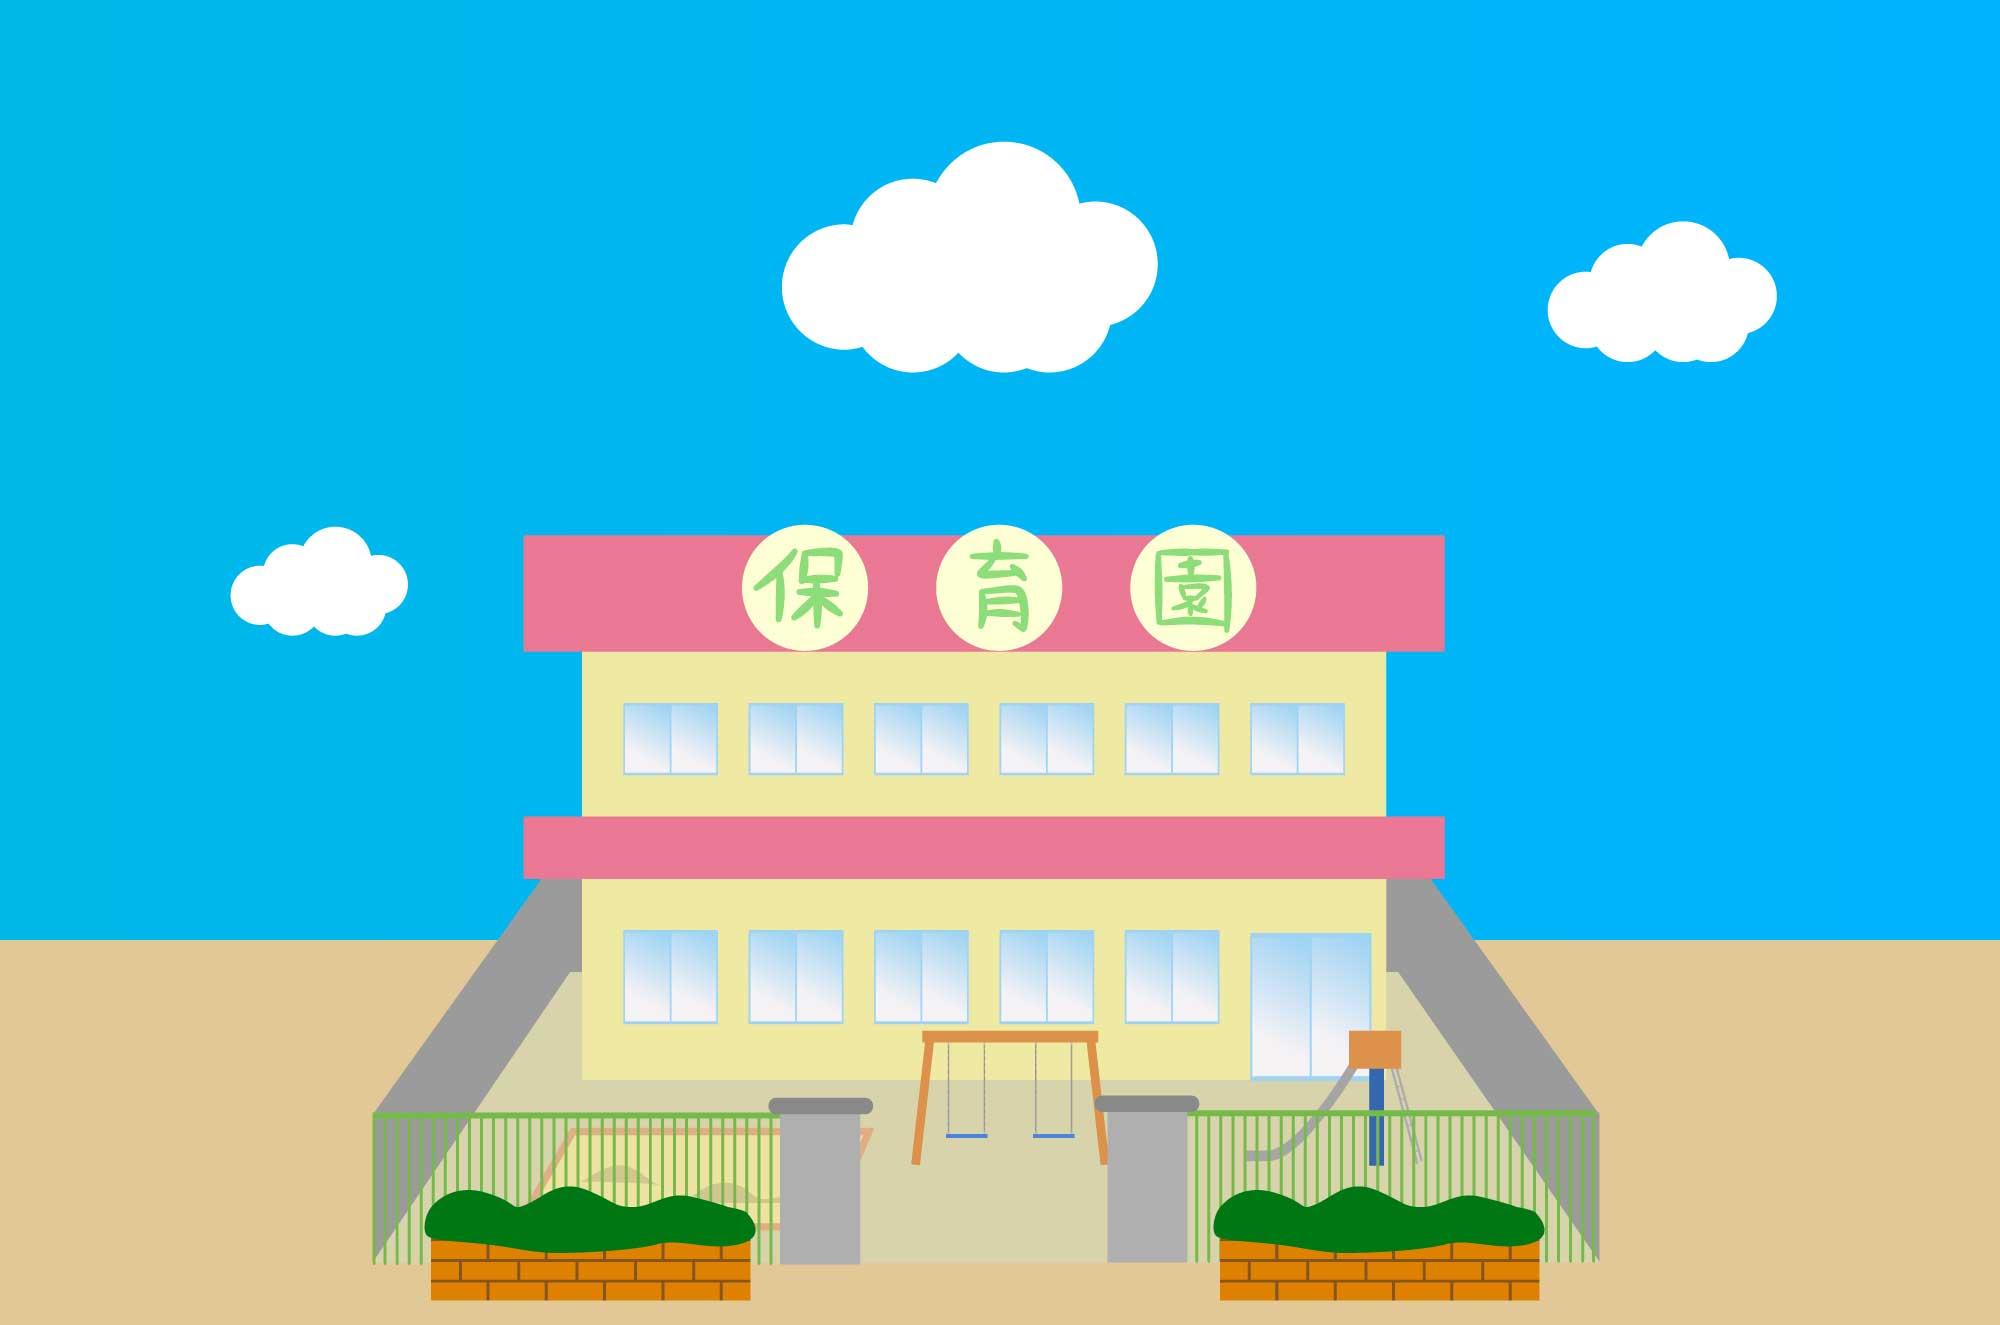 保育園の無料イラスト - 園児と建物のフリー素材 - チコデザ